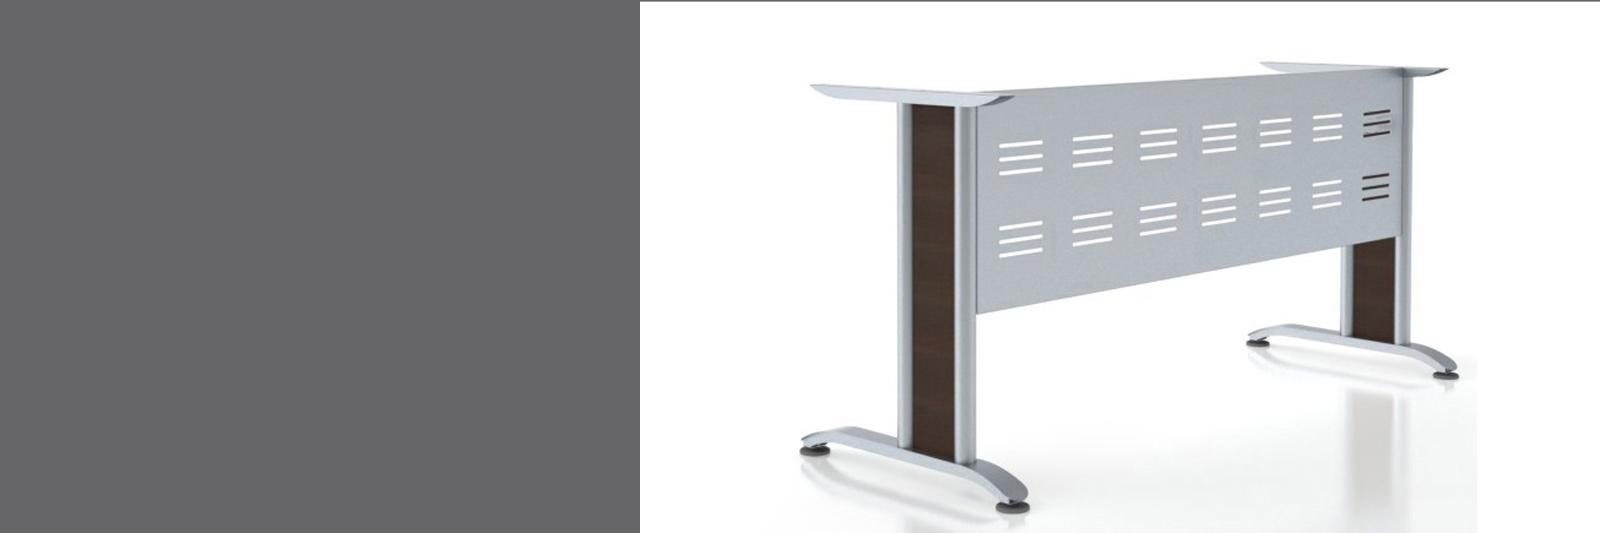 Металлокаркасы ФОРТЕ со вставками для рабочих столов